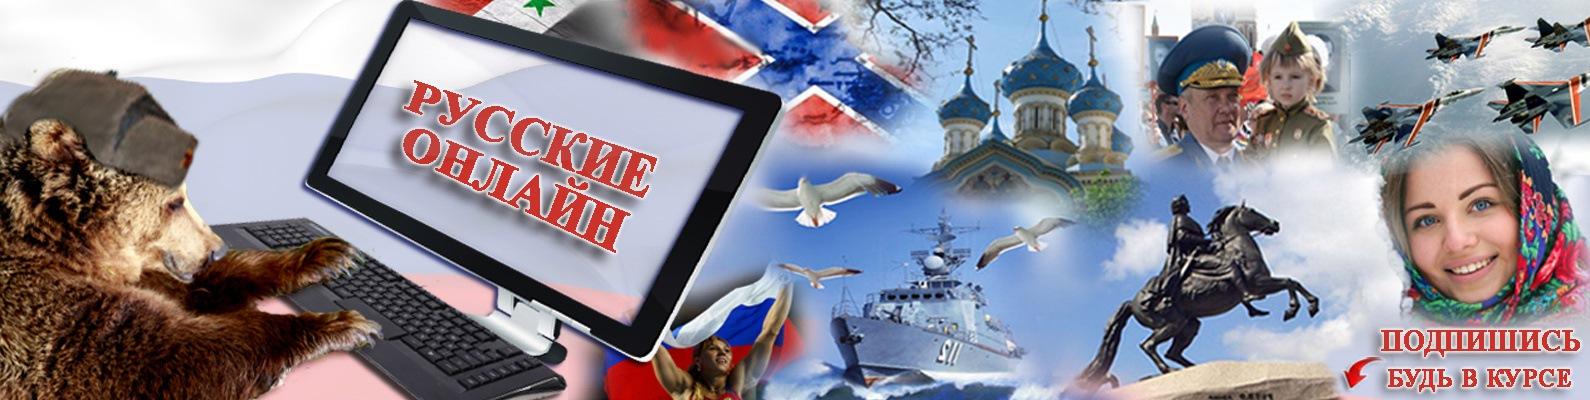 новое групповое русское порно онлайн бесплатно фото